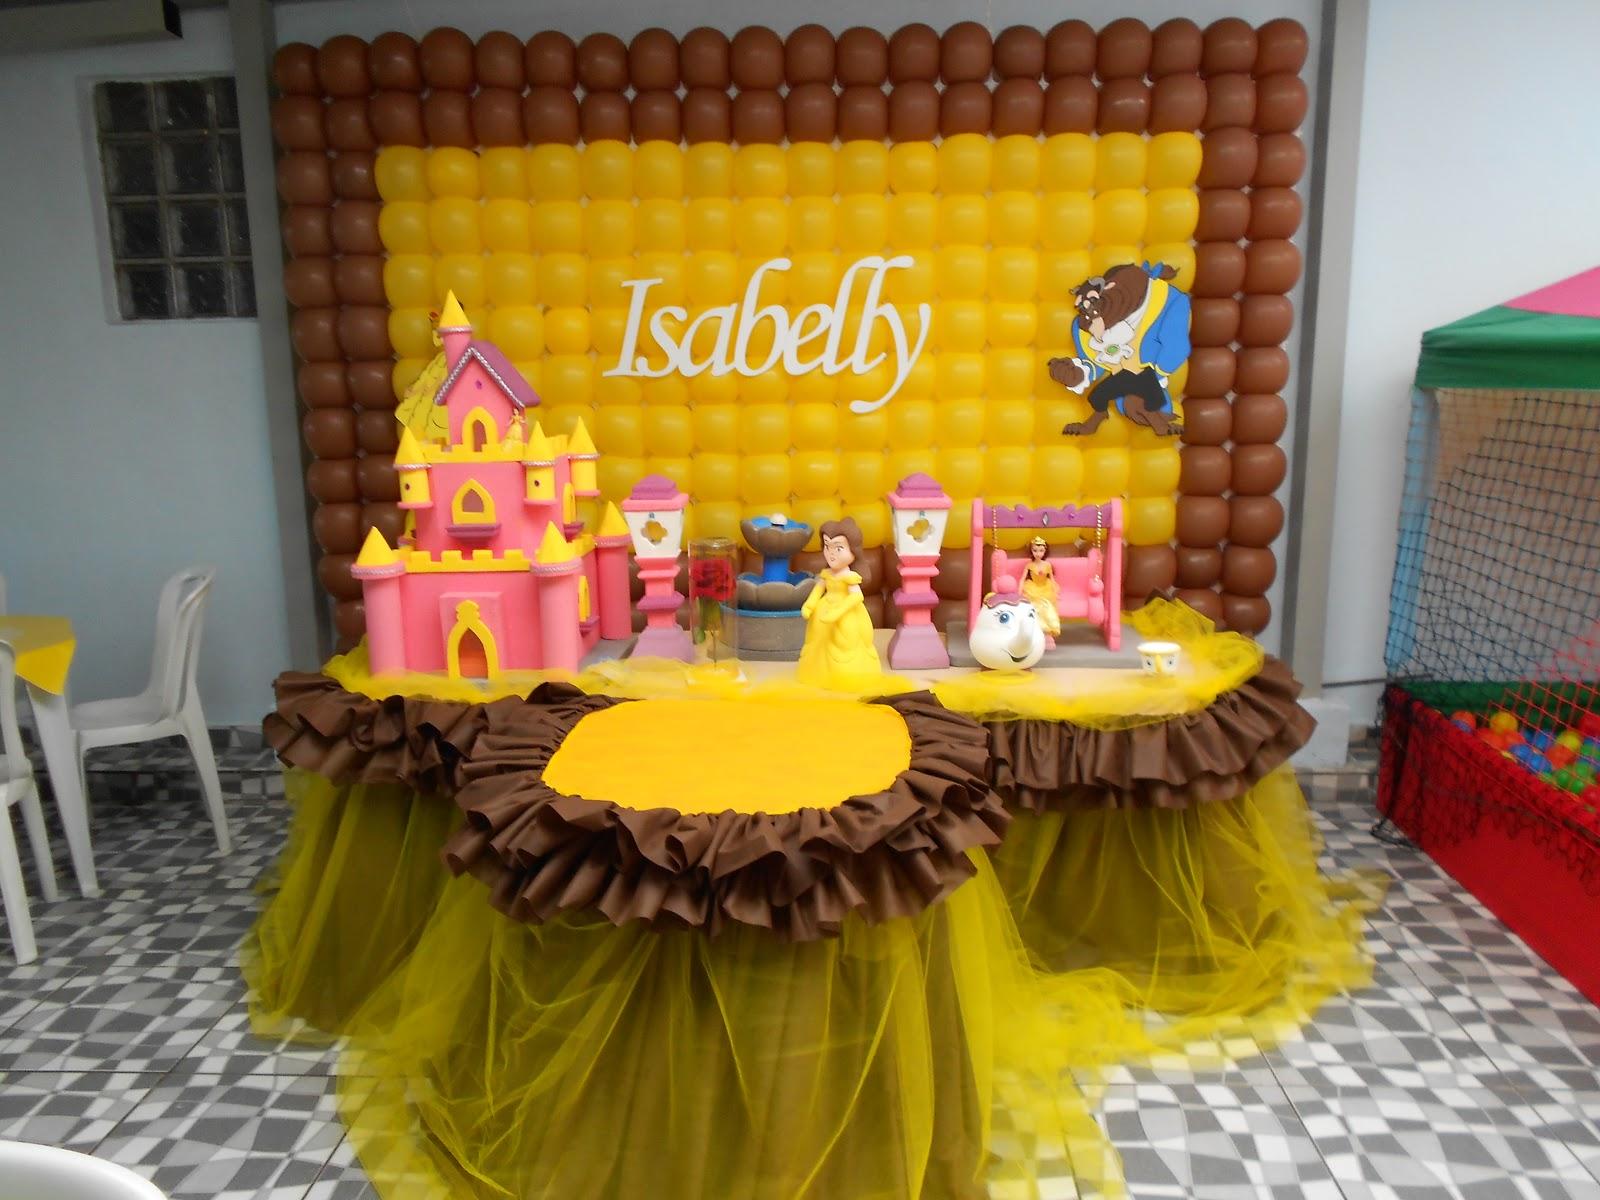 #C1900A  : Decoração Bela e a Fera 20/10/12 Festa da Isabelly 1600x1200 px Bela Decoração Da Cozinha_403 Imagens